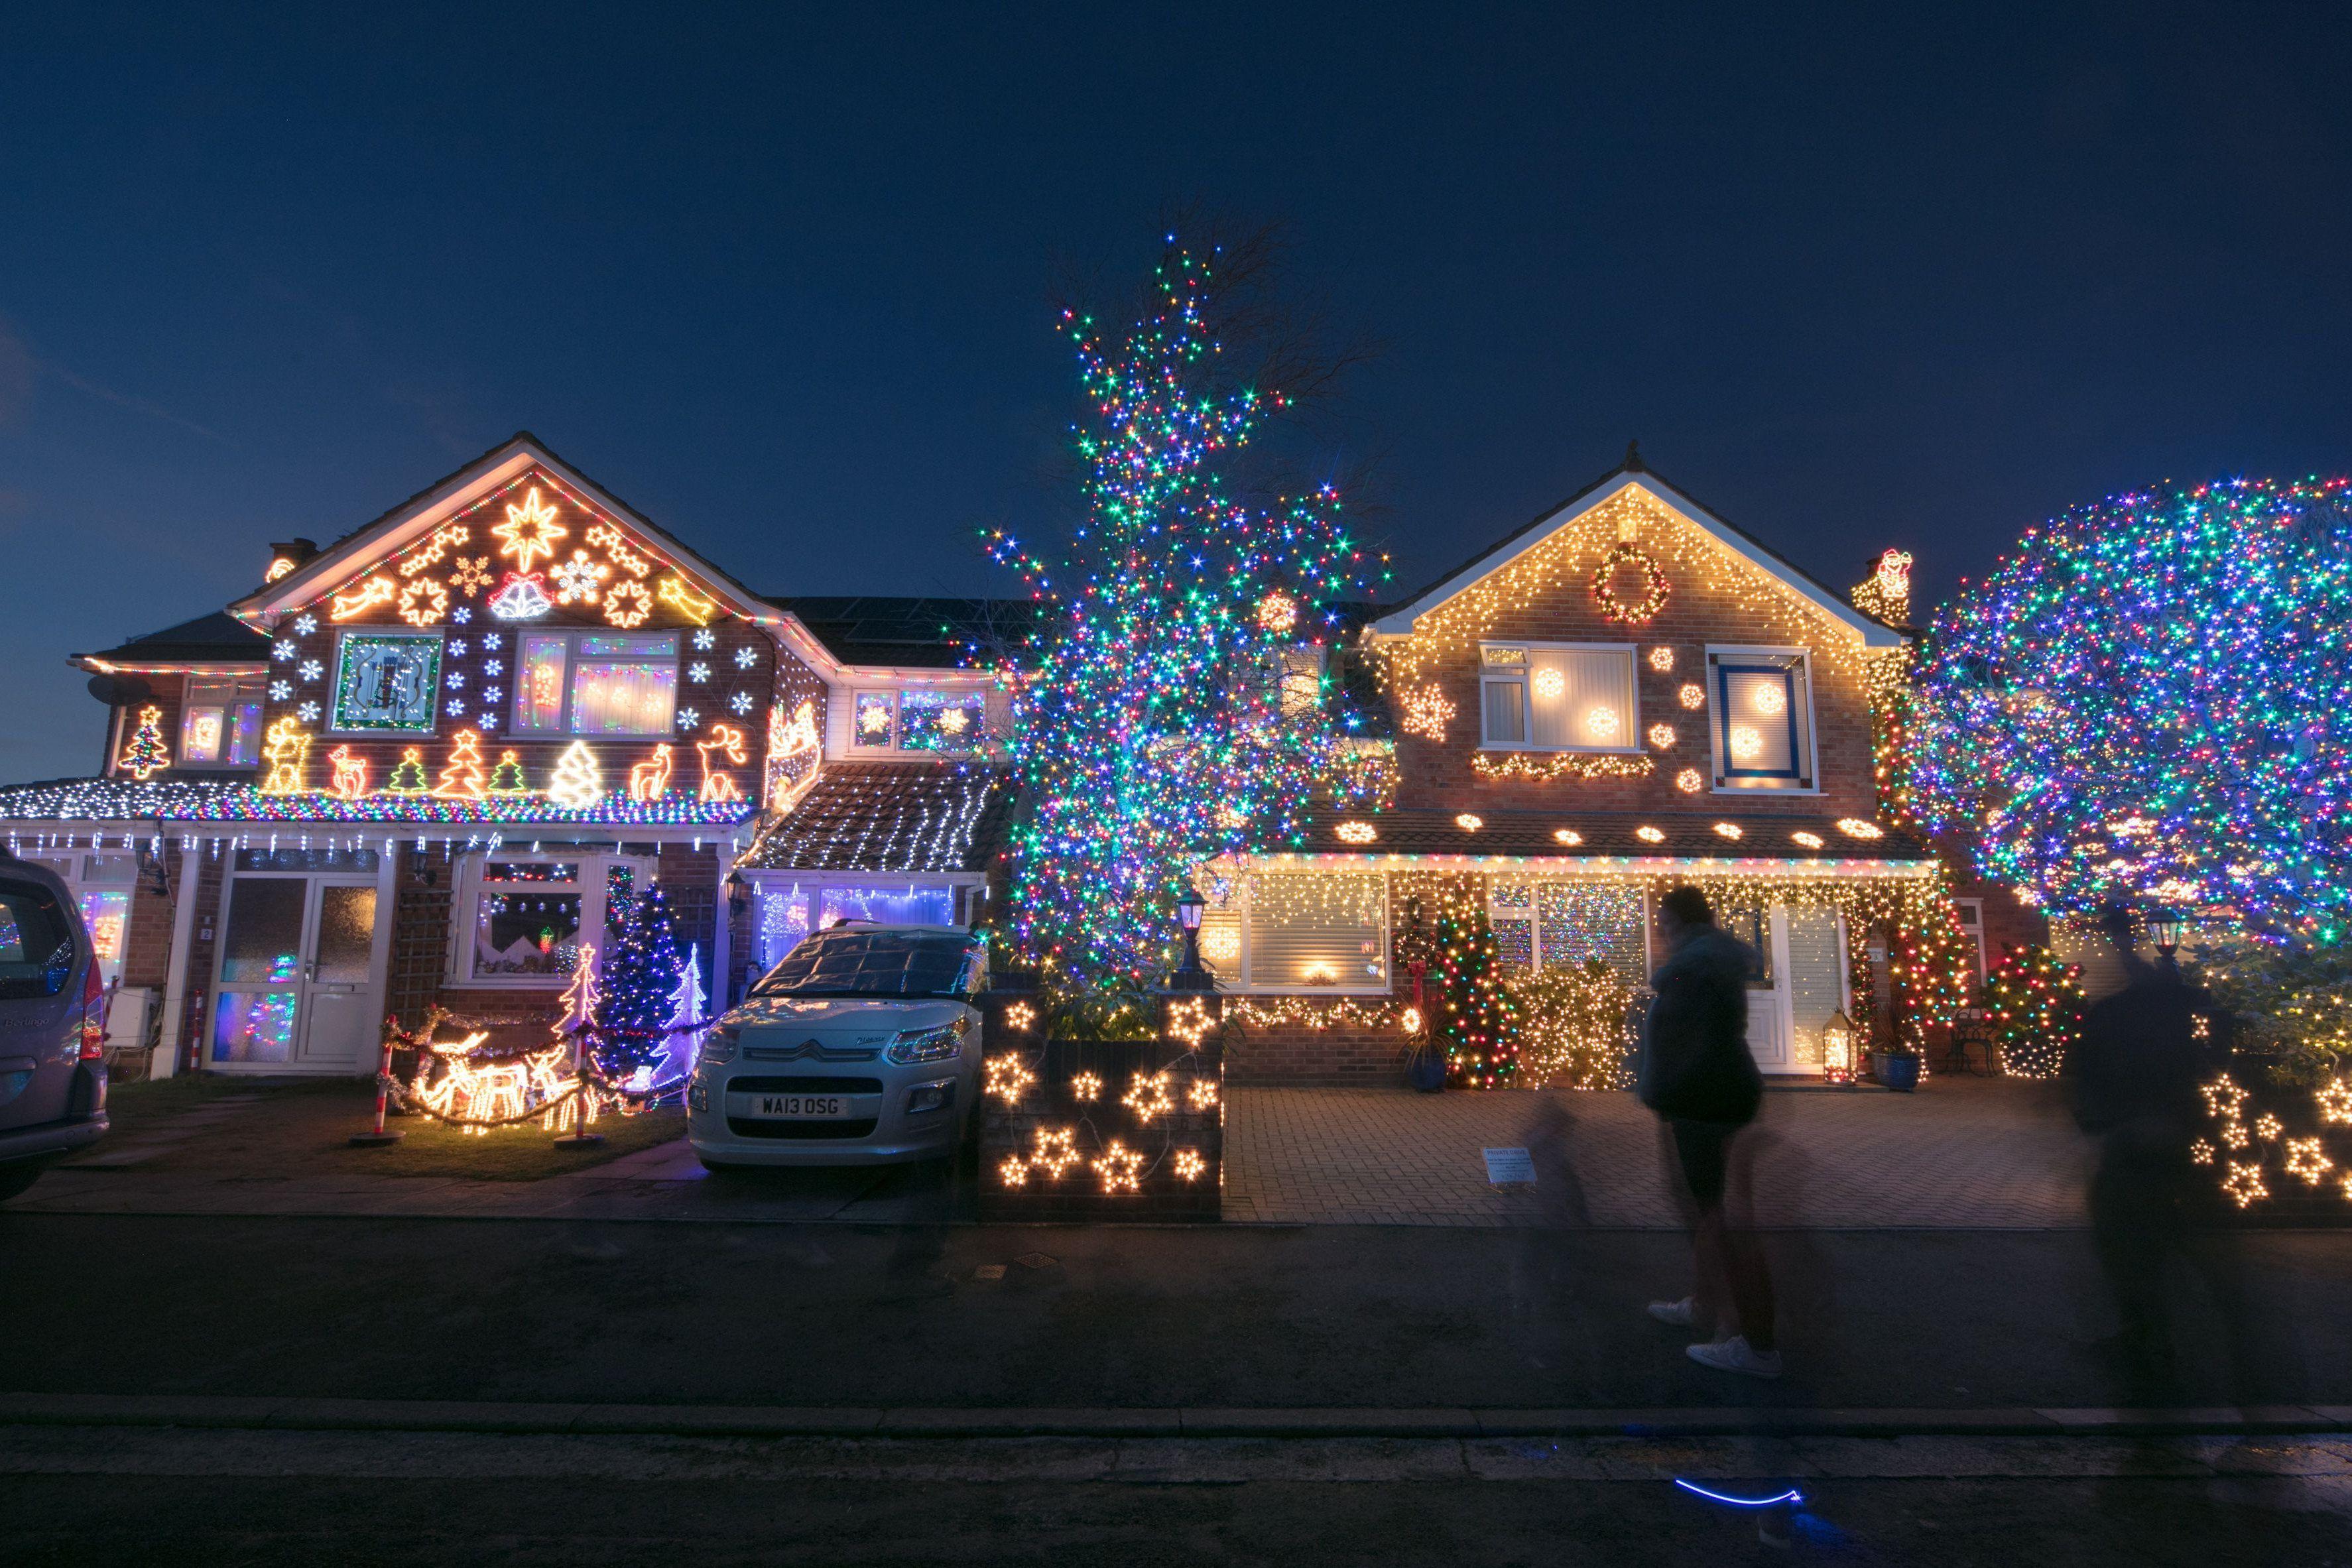 Make The Ultimate Christmas Display With Music And Lights Best Christmas Lights Christmas Light Displays Best Christmas Light Displays